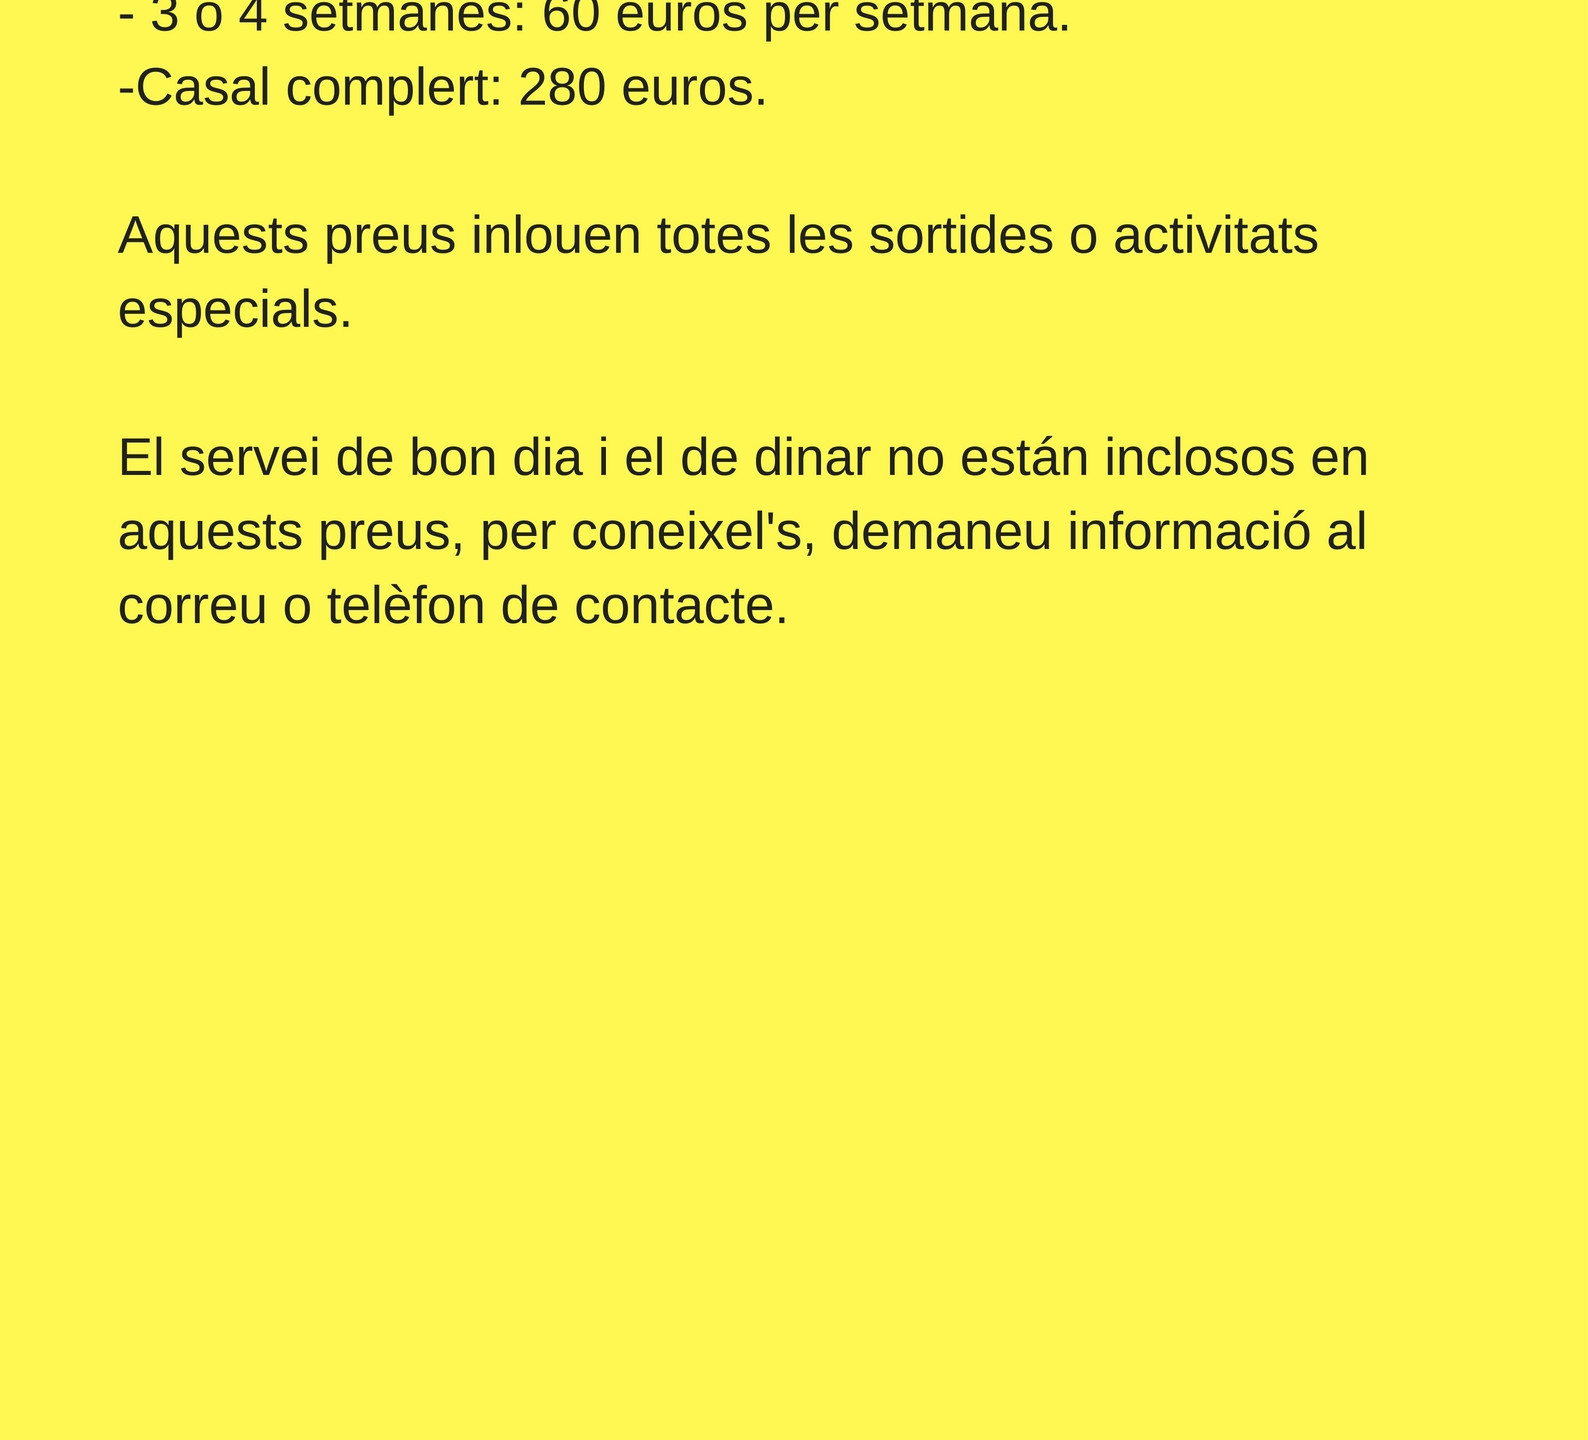 Casal6